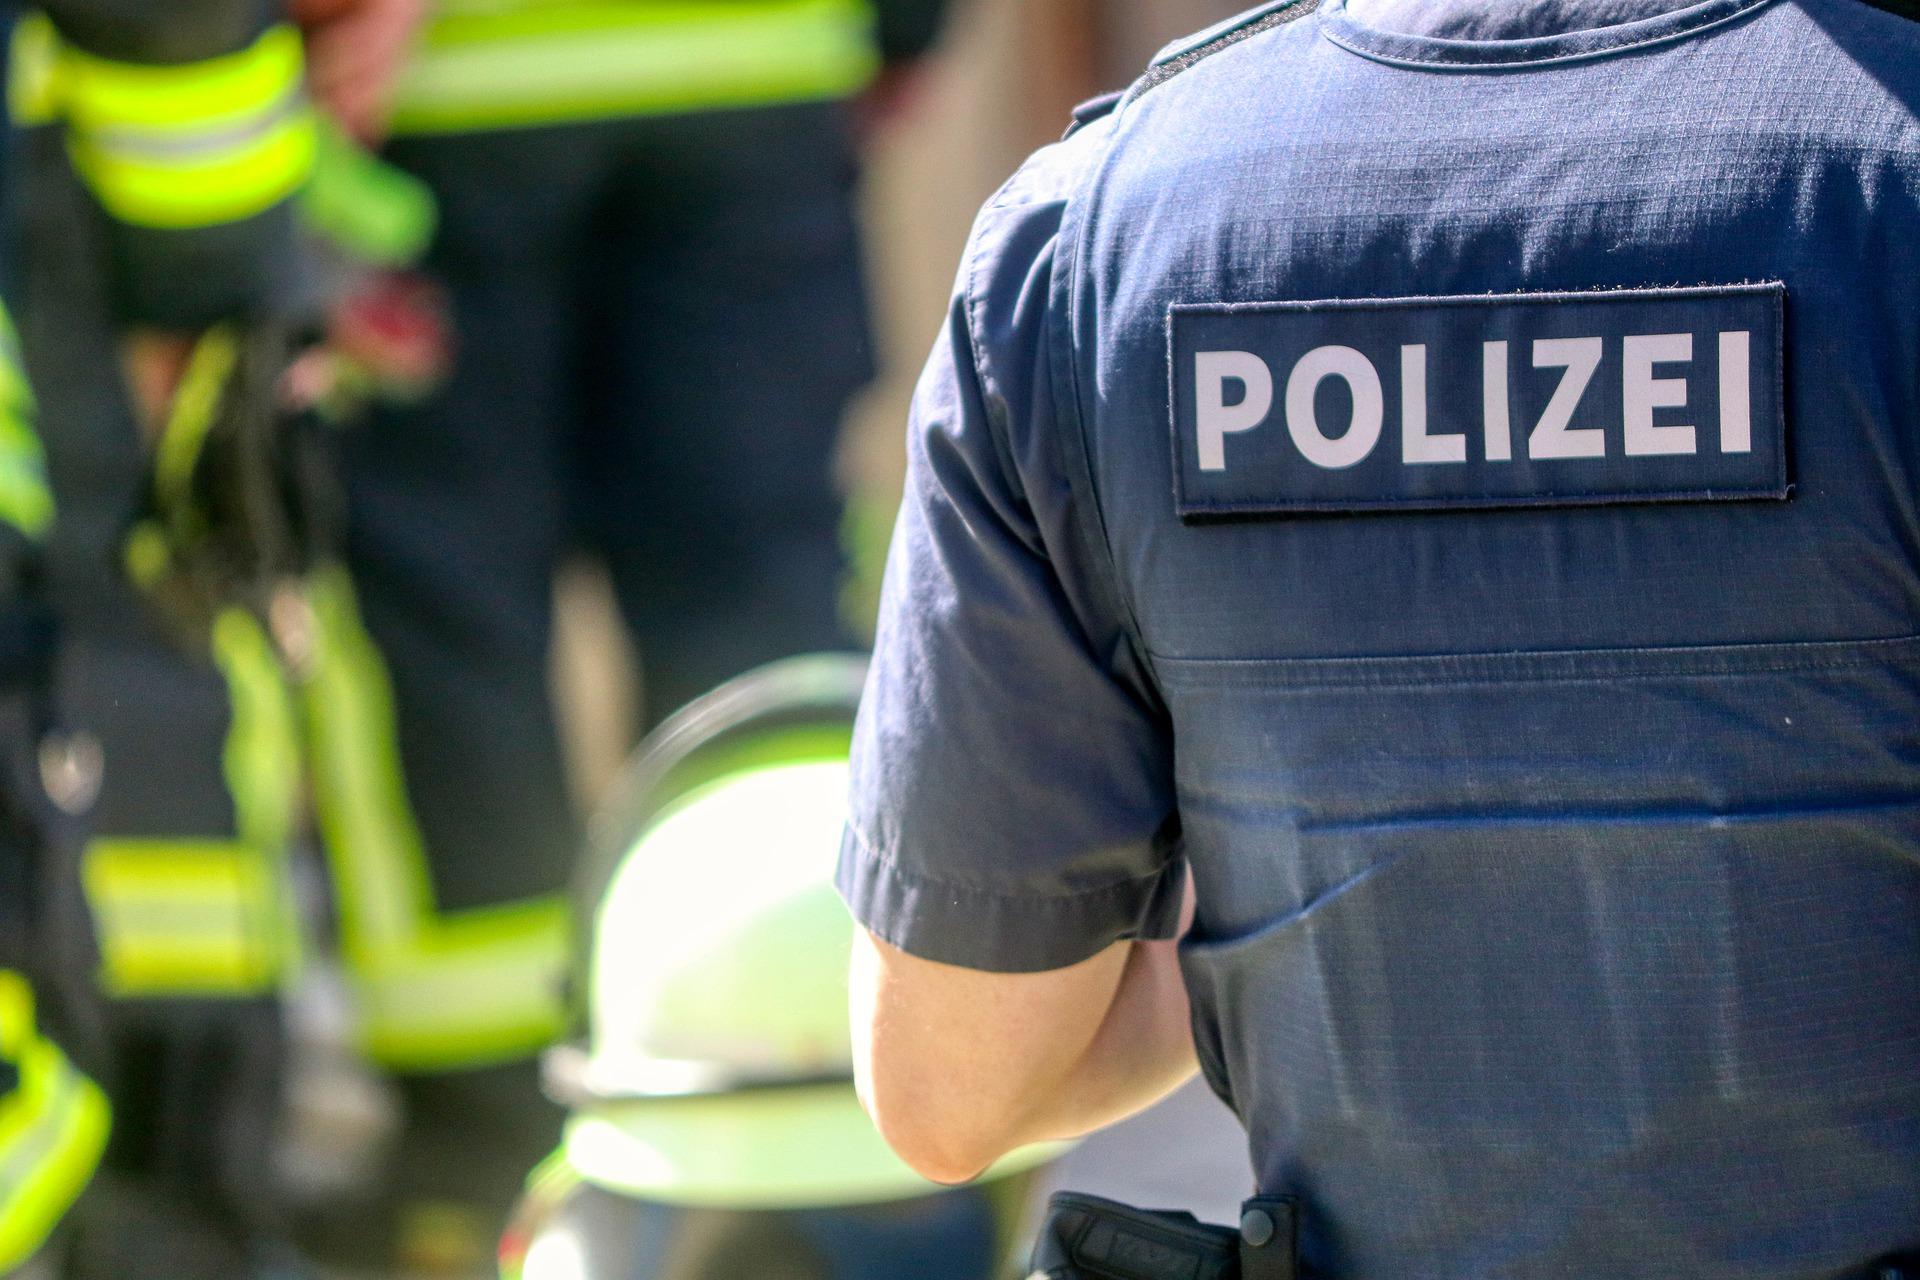 police-5006272_1920